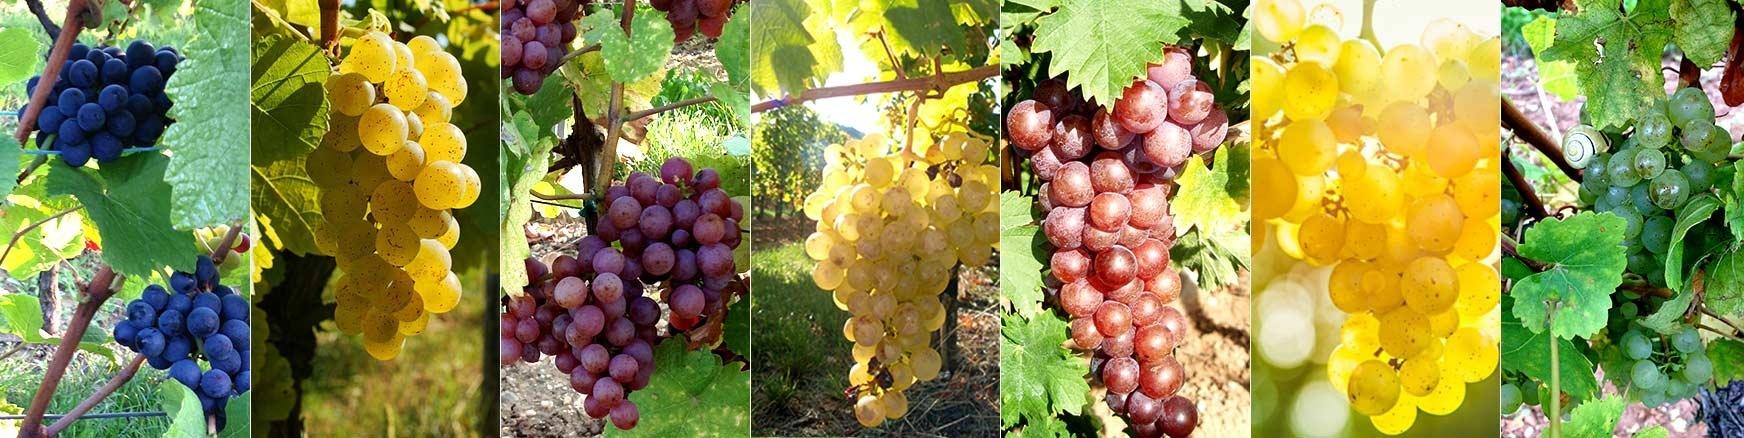 Rebsorten Wein